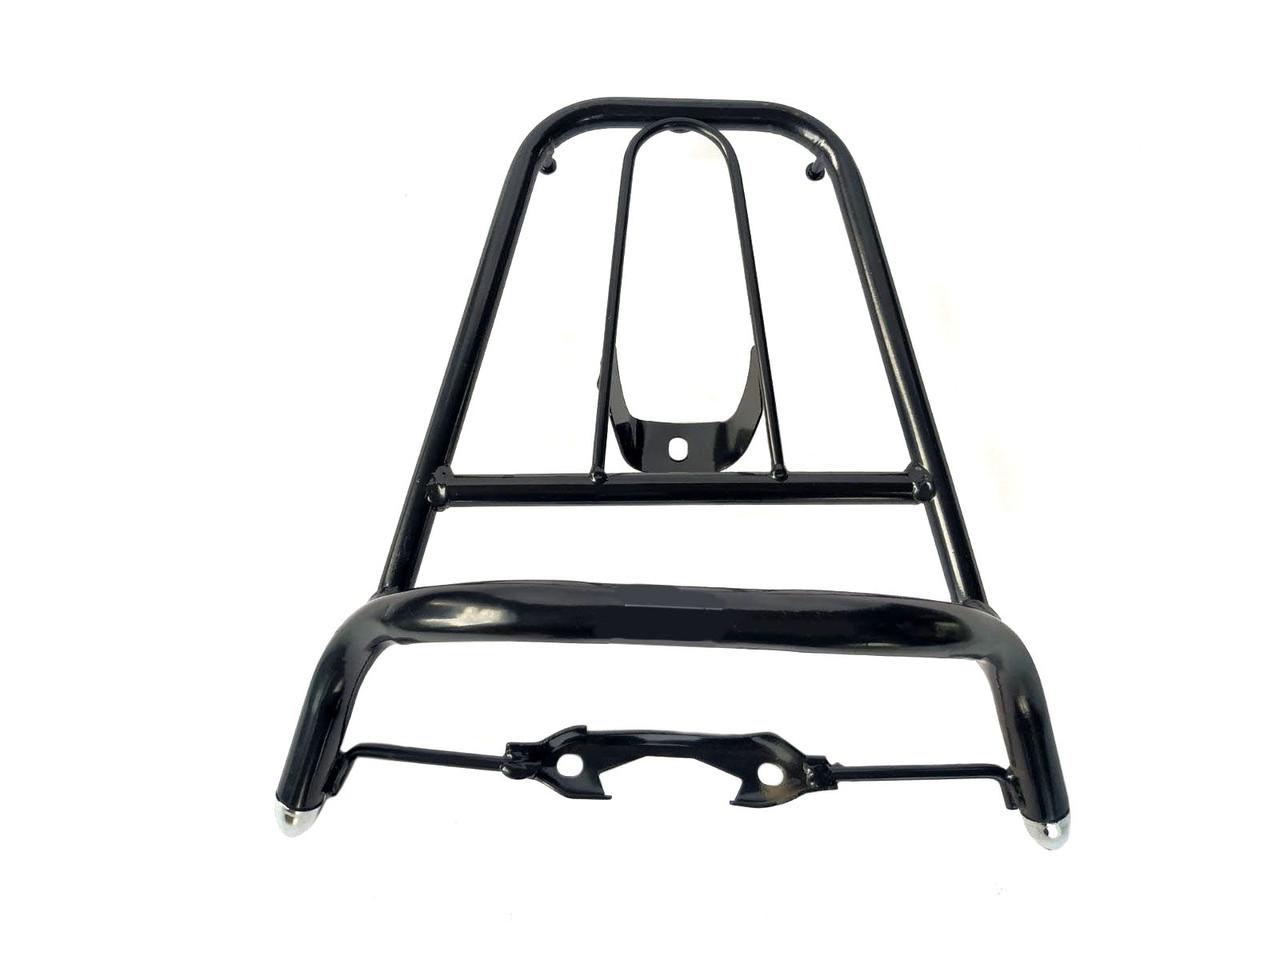 Багажник метал звичайний Honda Tact AF-30 / GY6-50(черный)